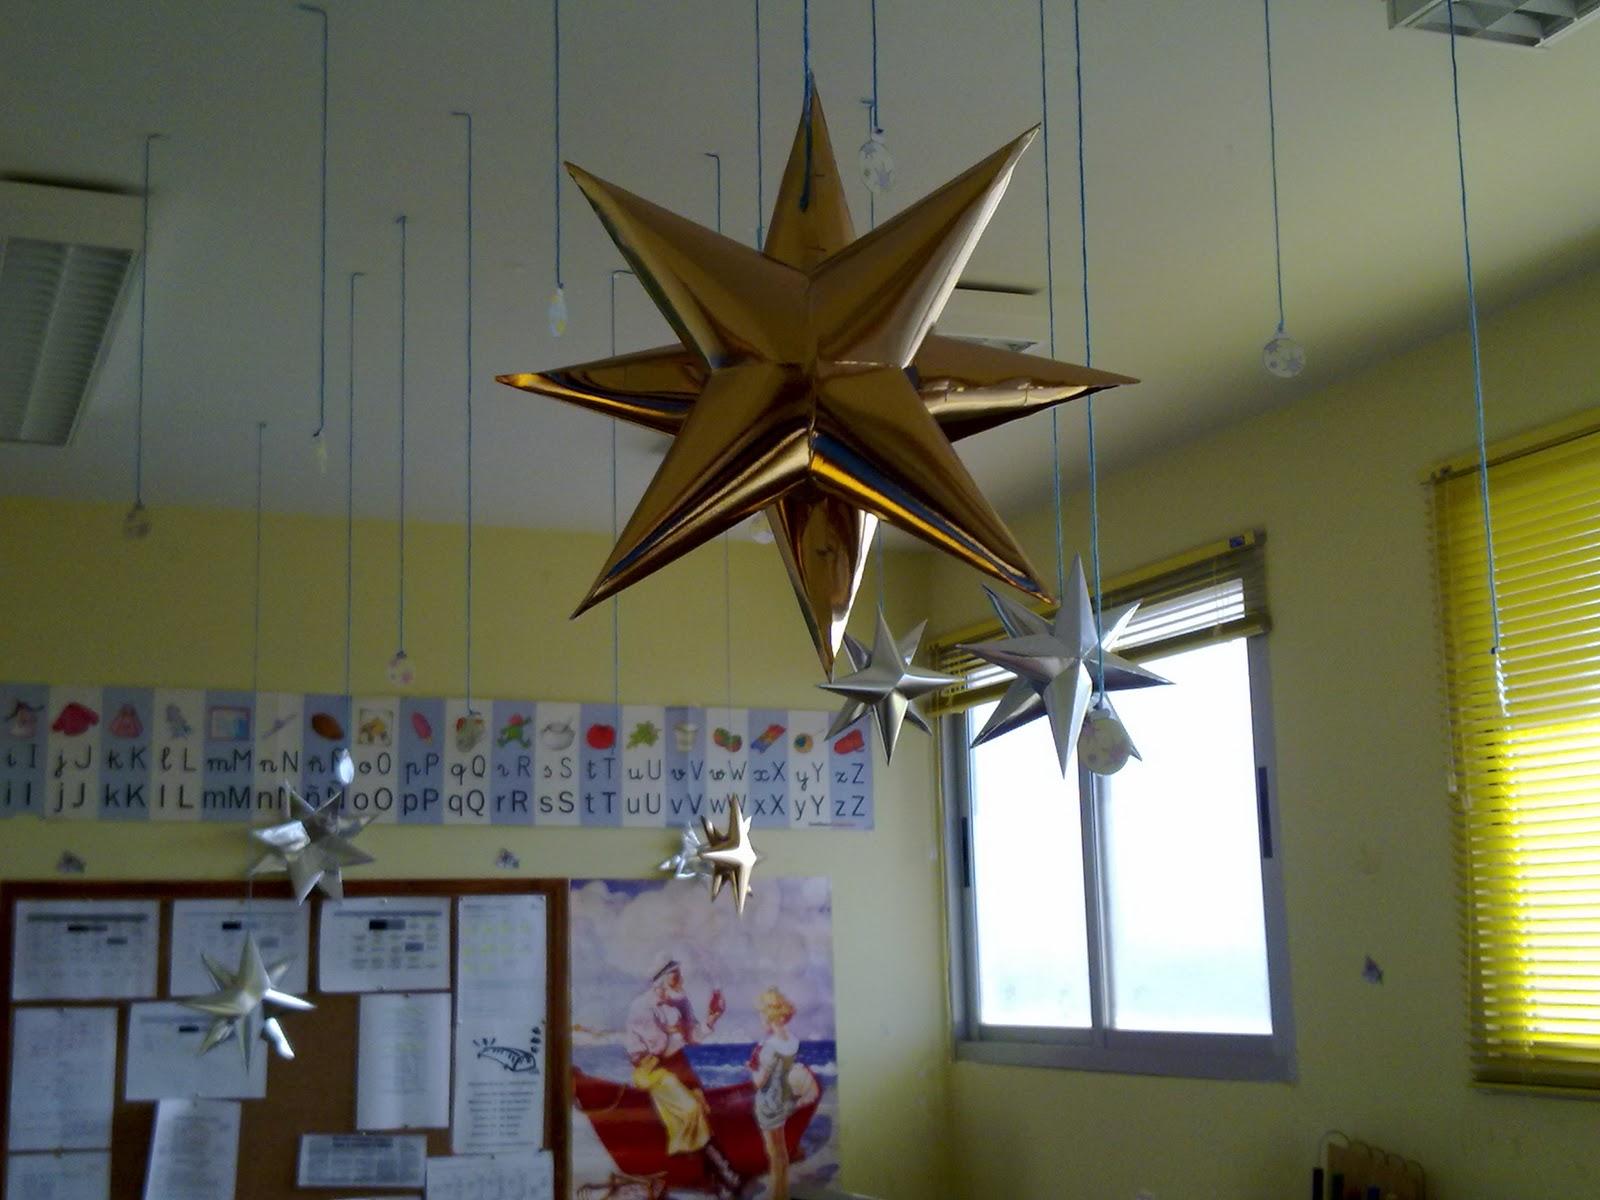 El rinc n de pt del sansue a lleg la navidad al sansue a - Como decorar un salon en navidad ...